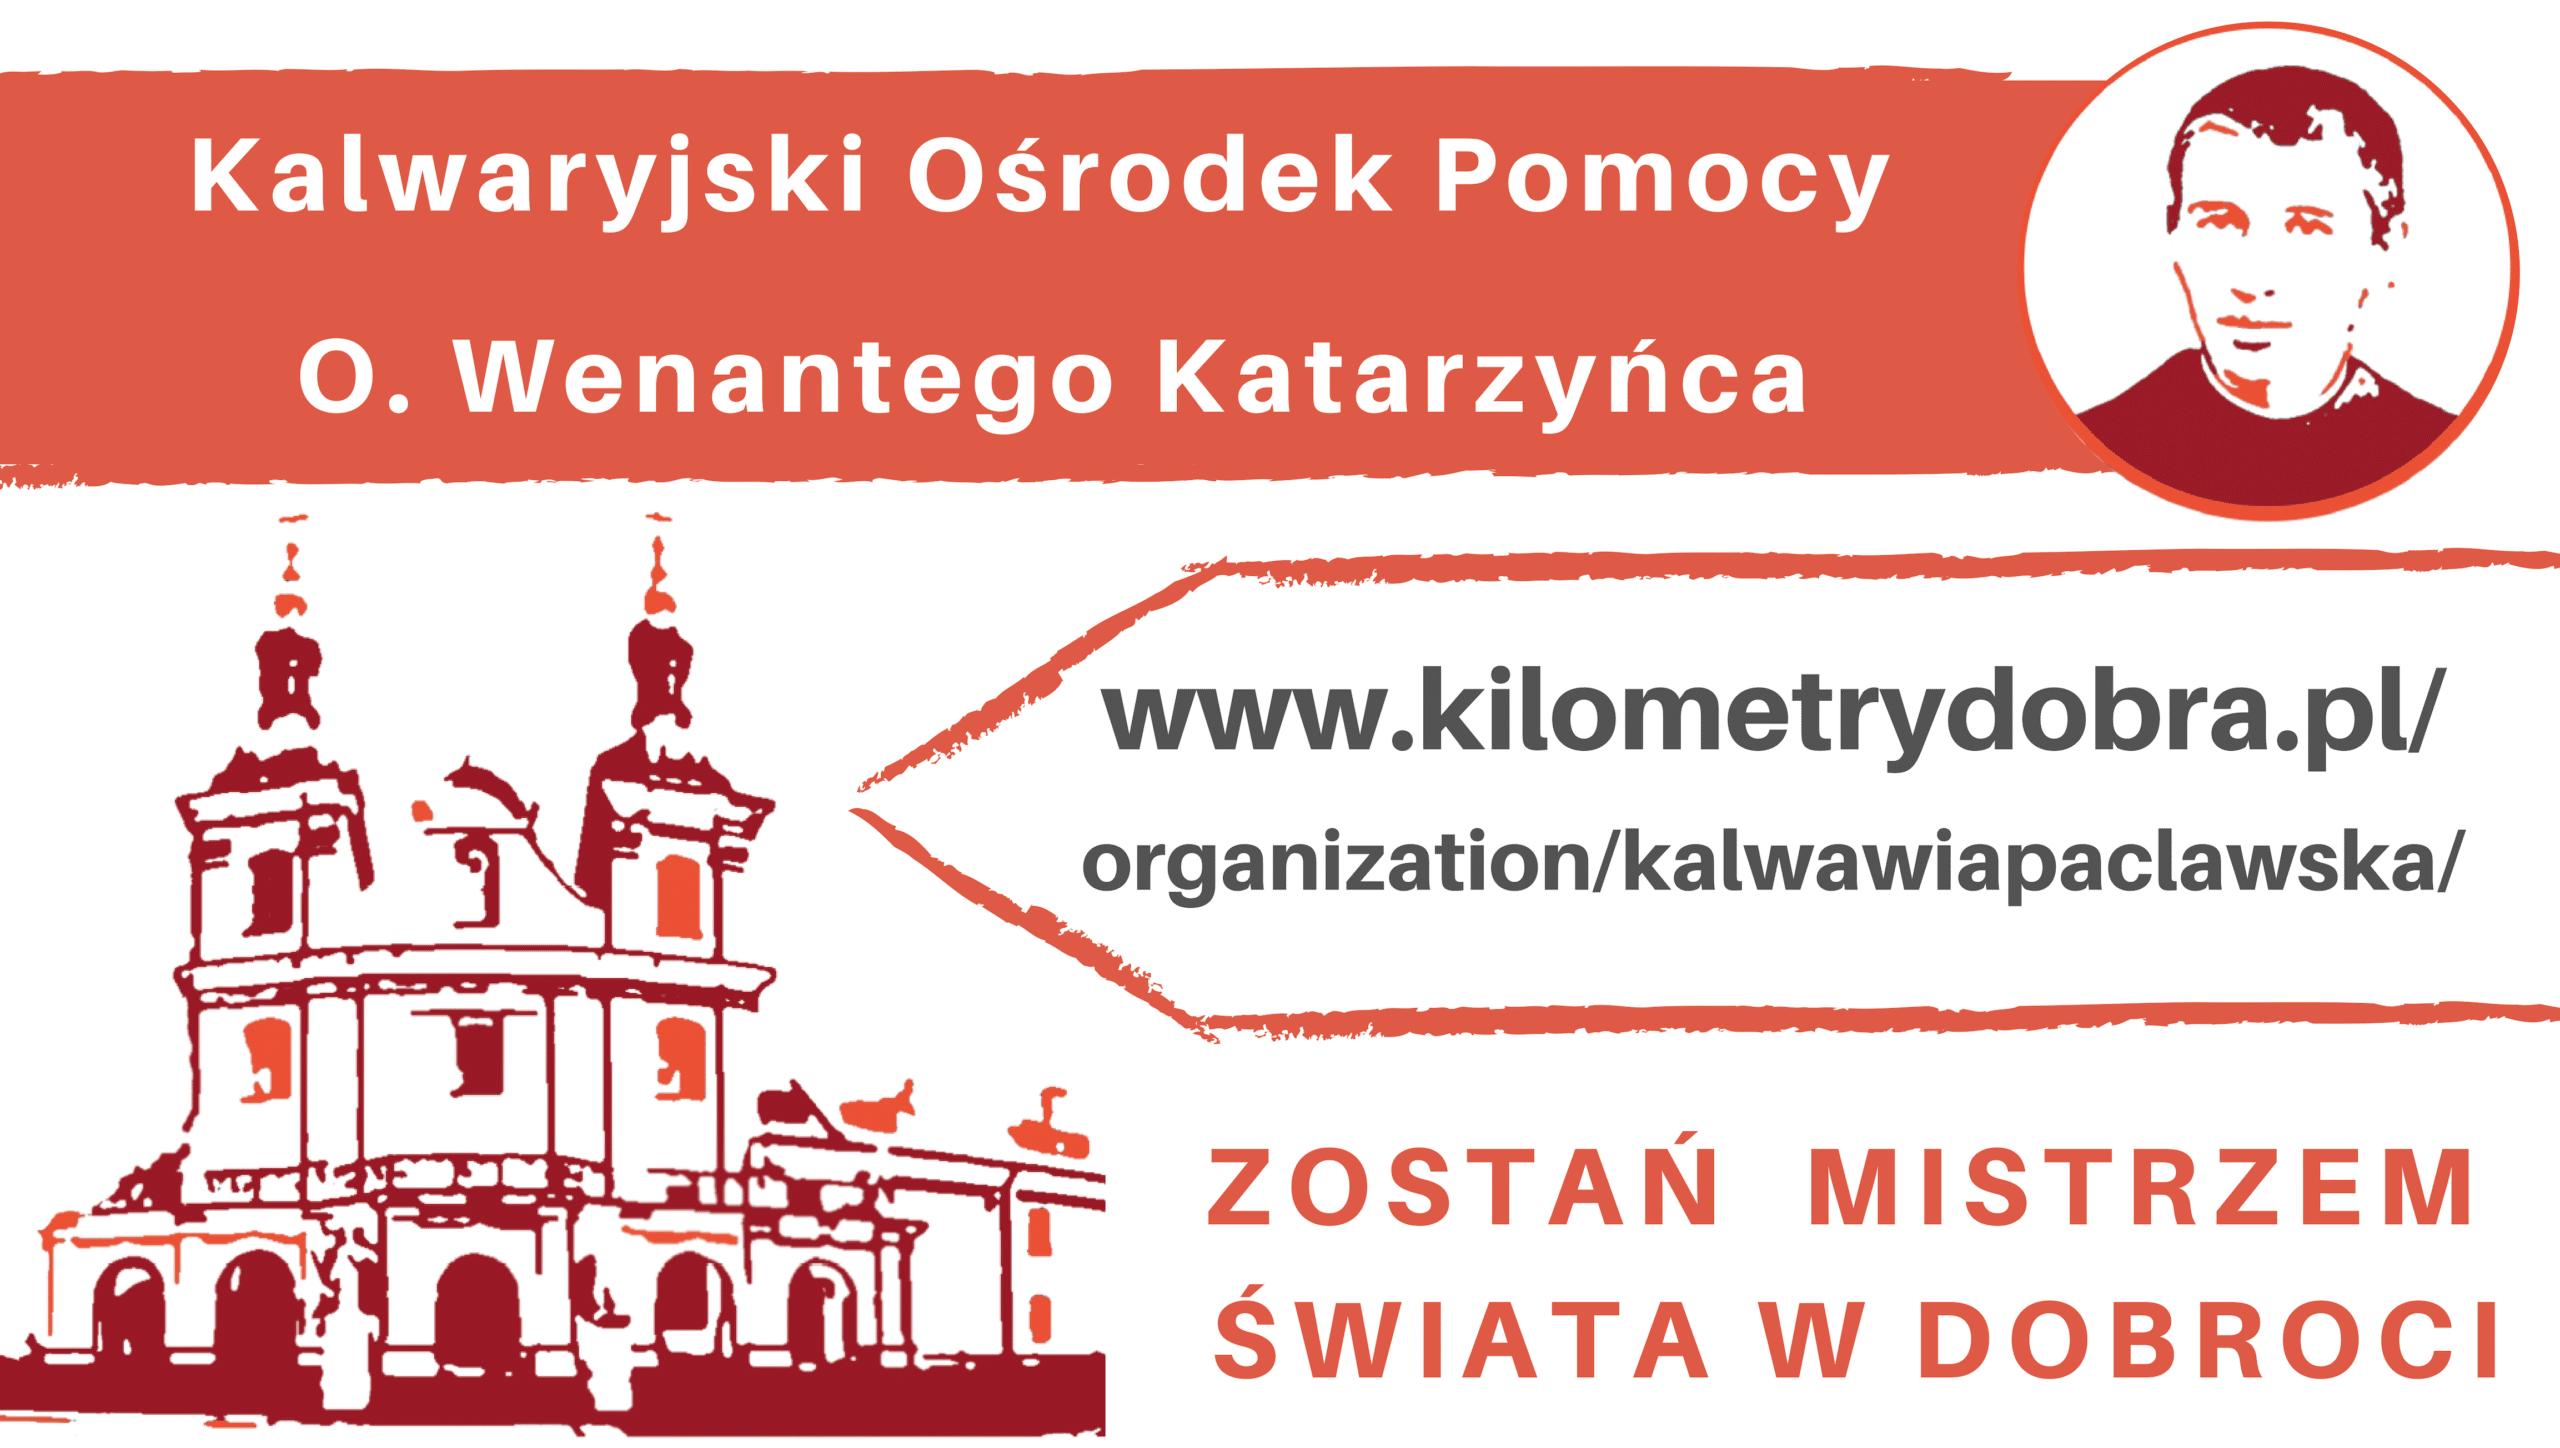 Wspomnienie: Promocja kampanii społecznej Kilometry Dobra 2019 w Kalwarii Pacławskiej